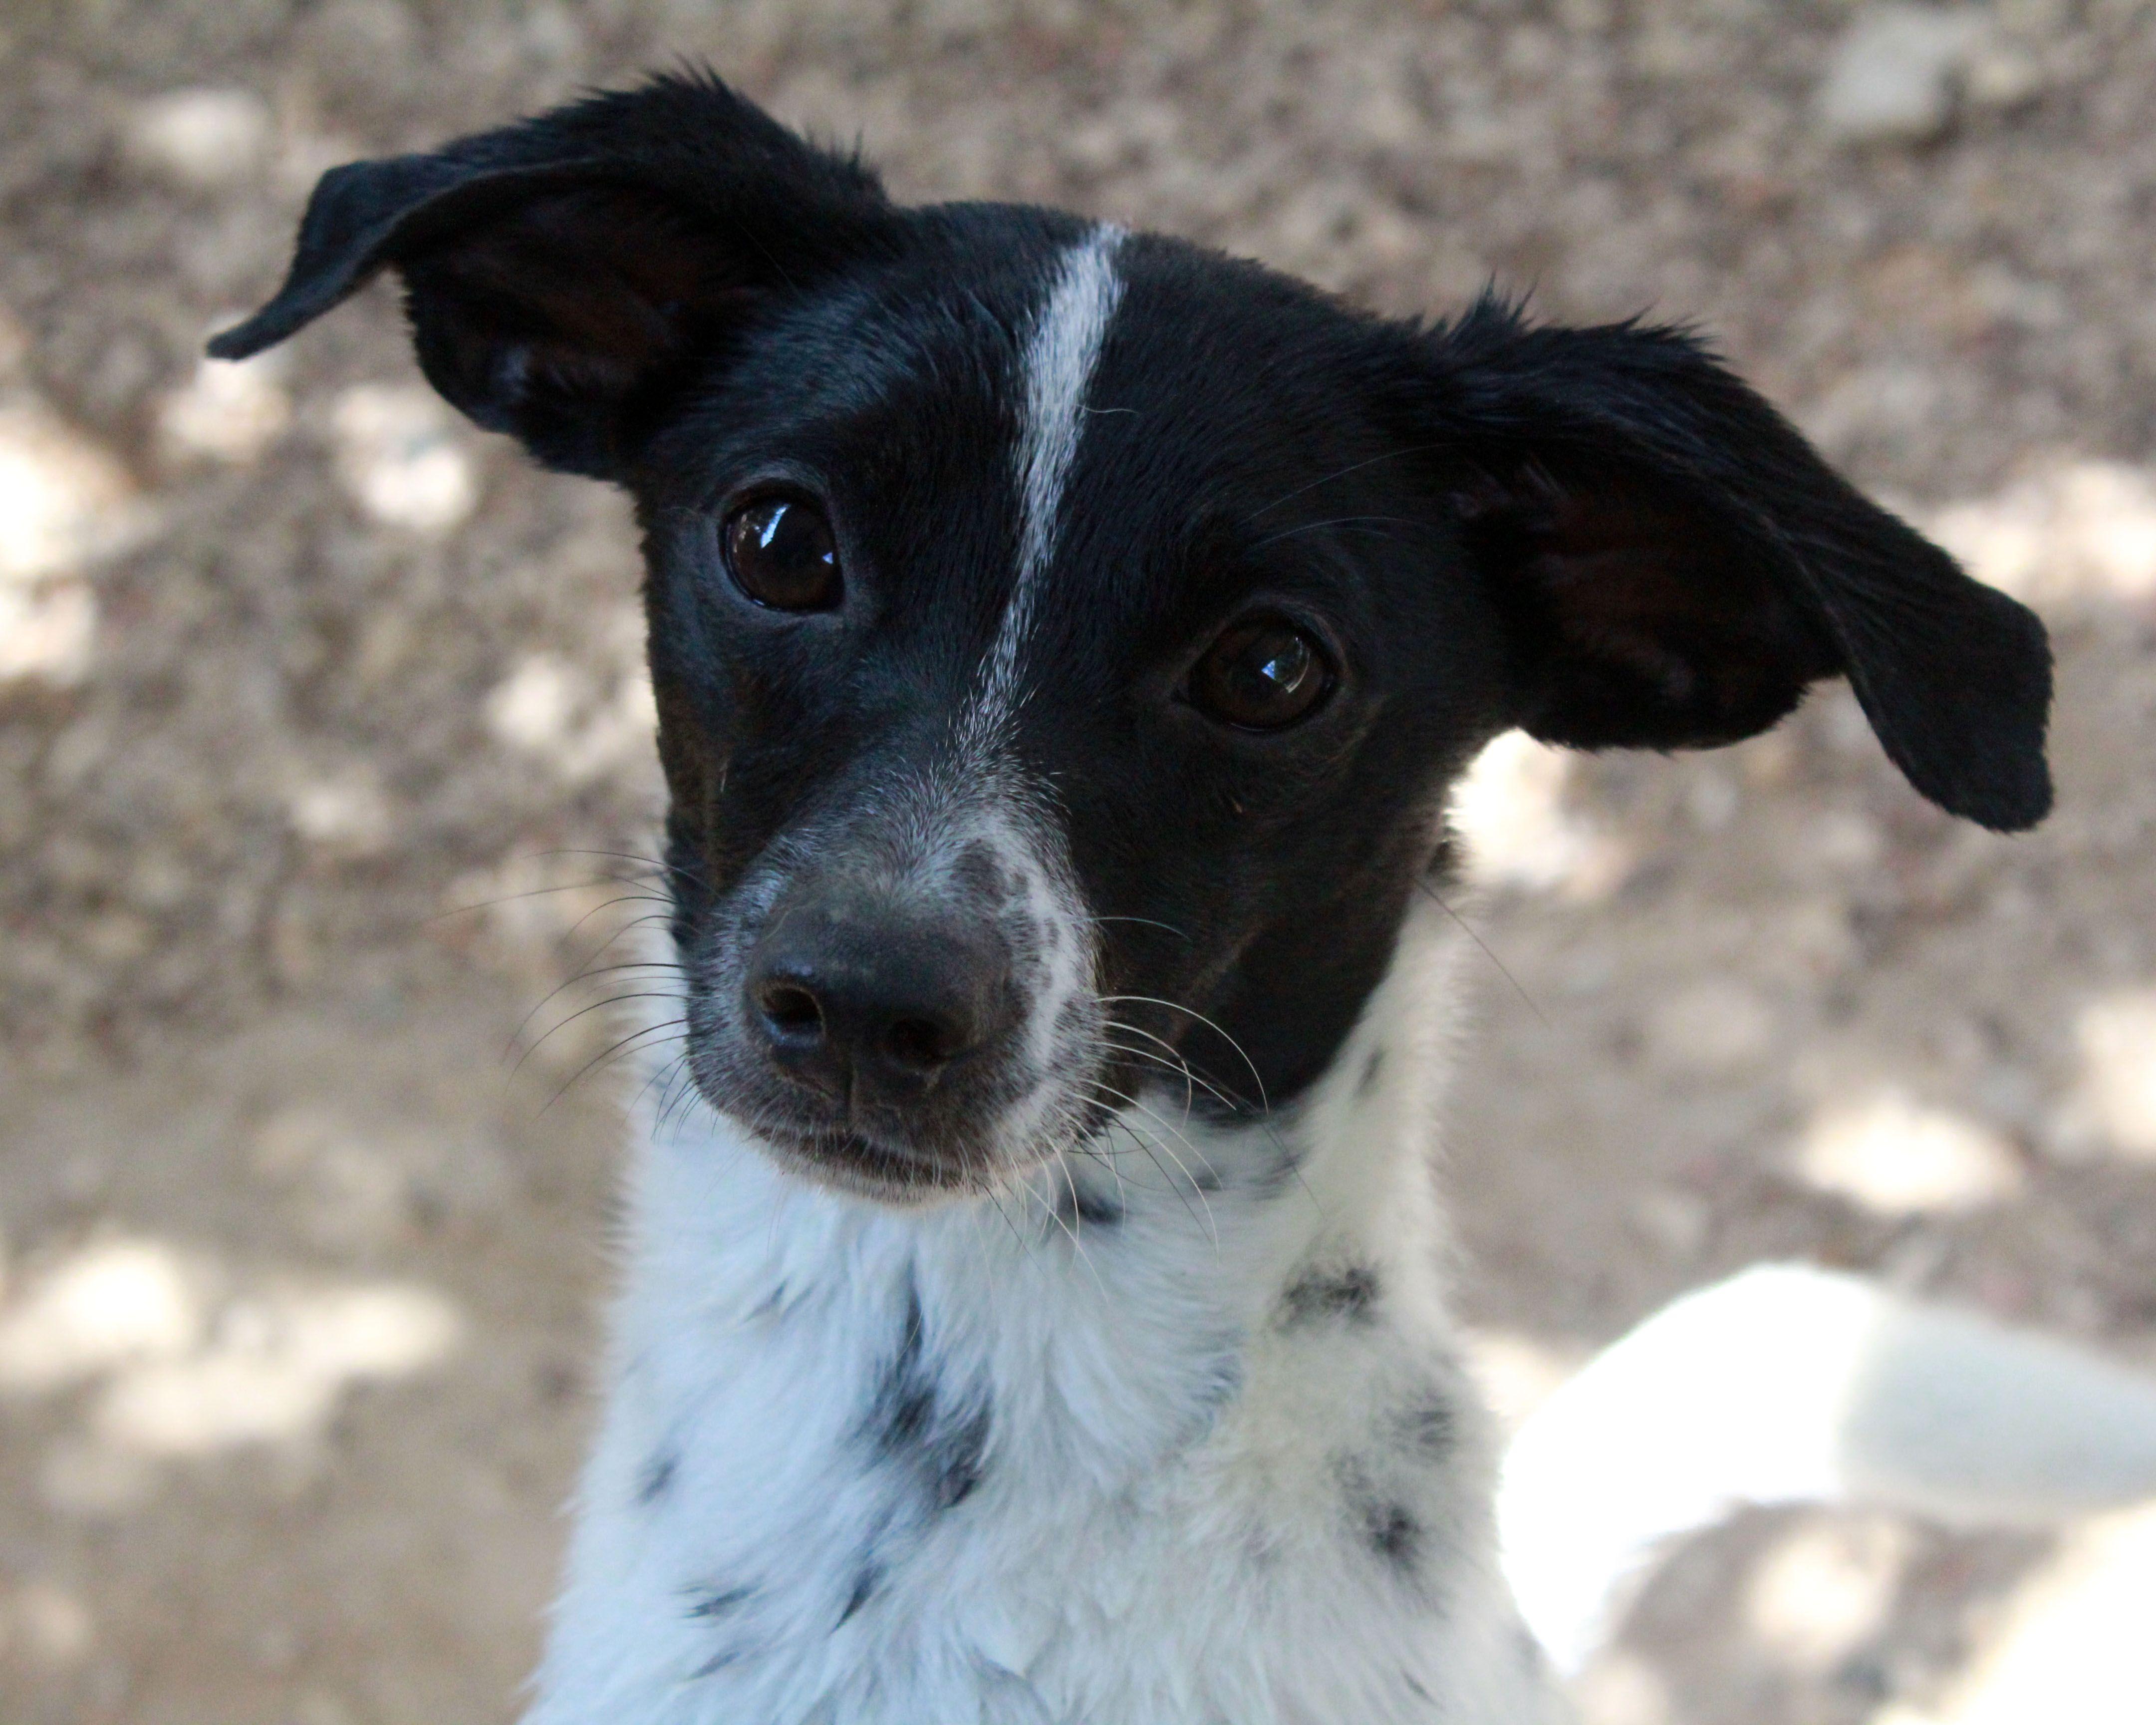 Chiweenie Dog For Adoption In Waco Tx Adn 592139 On Puppyfinder